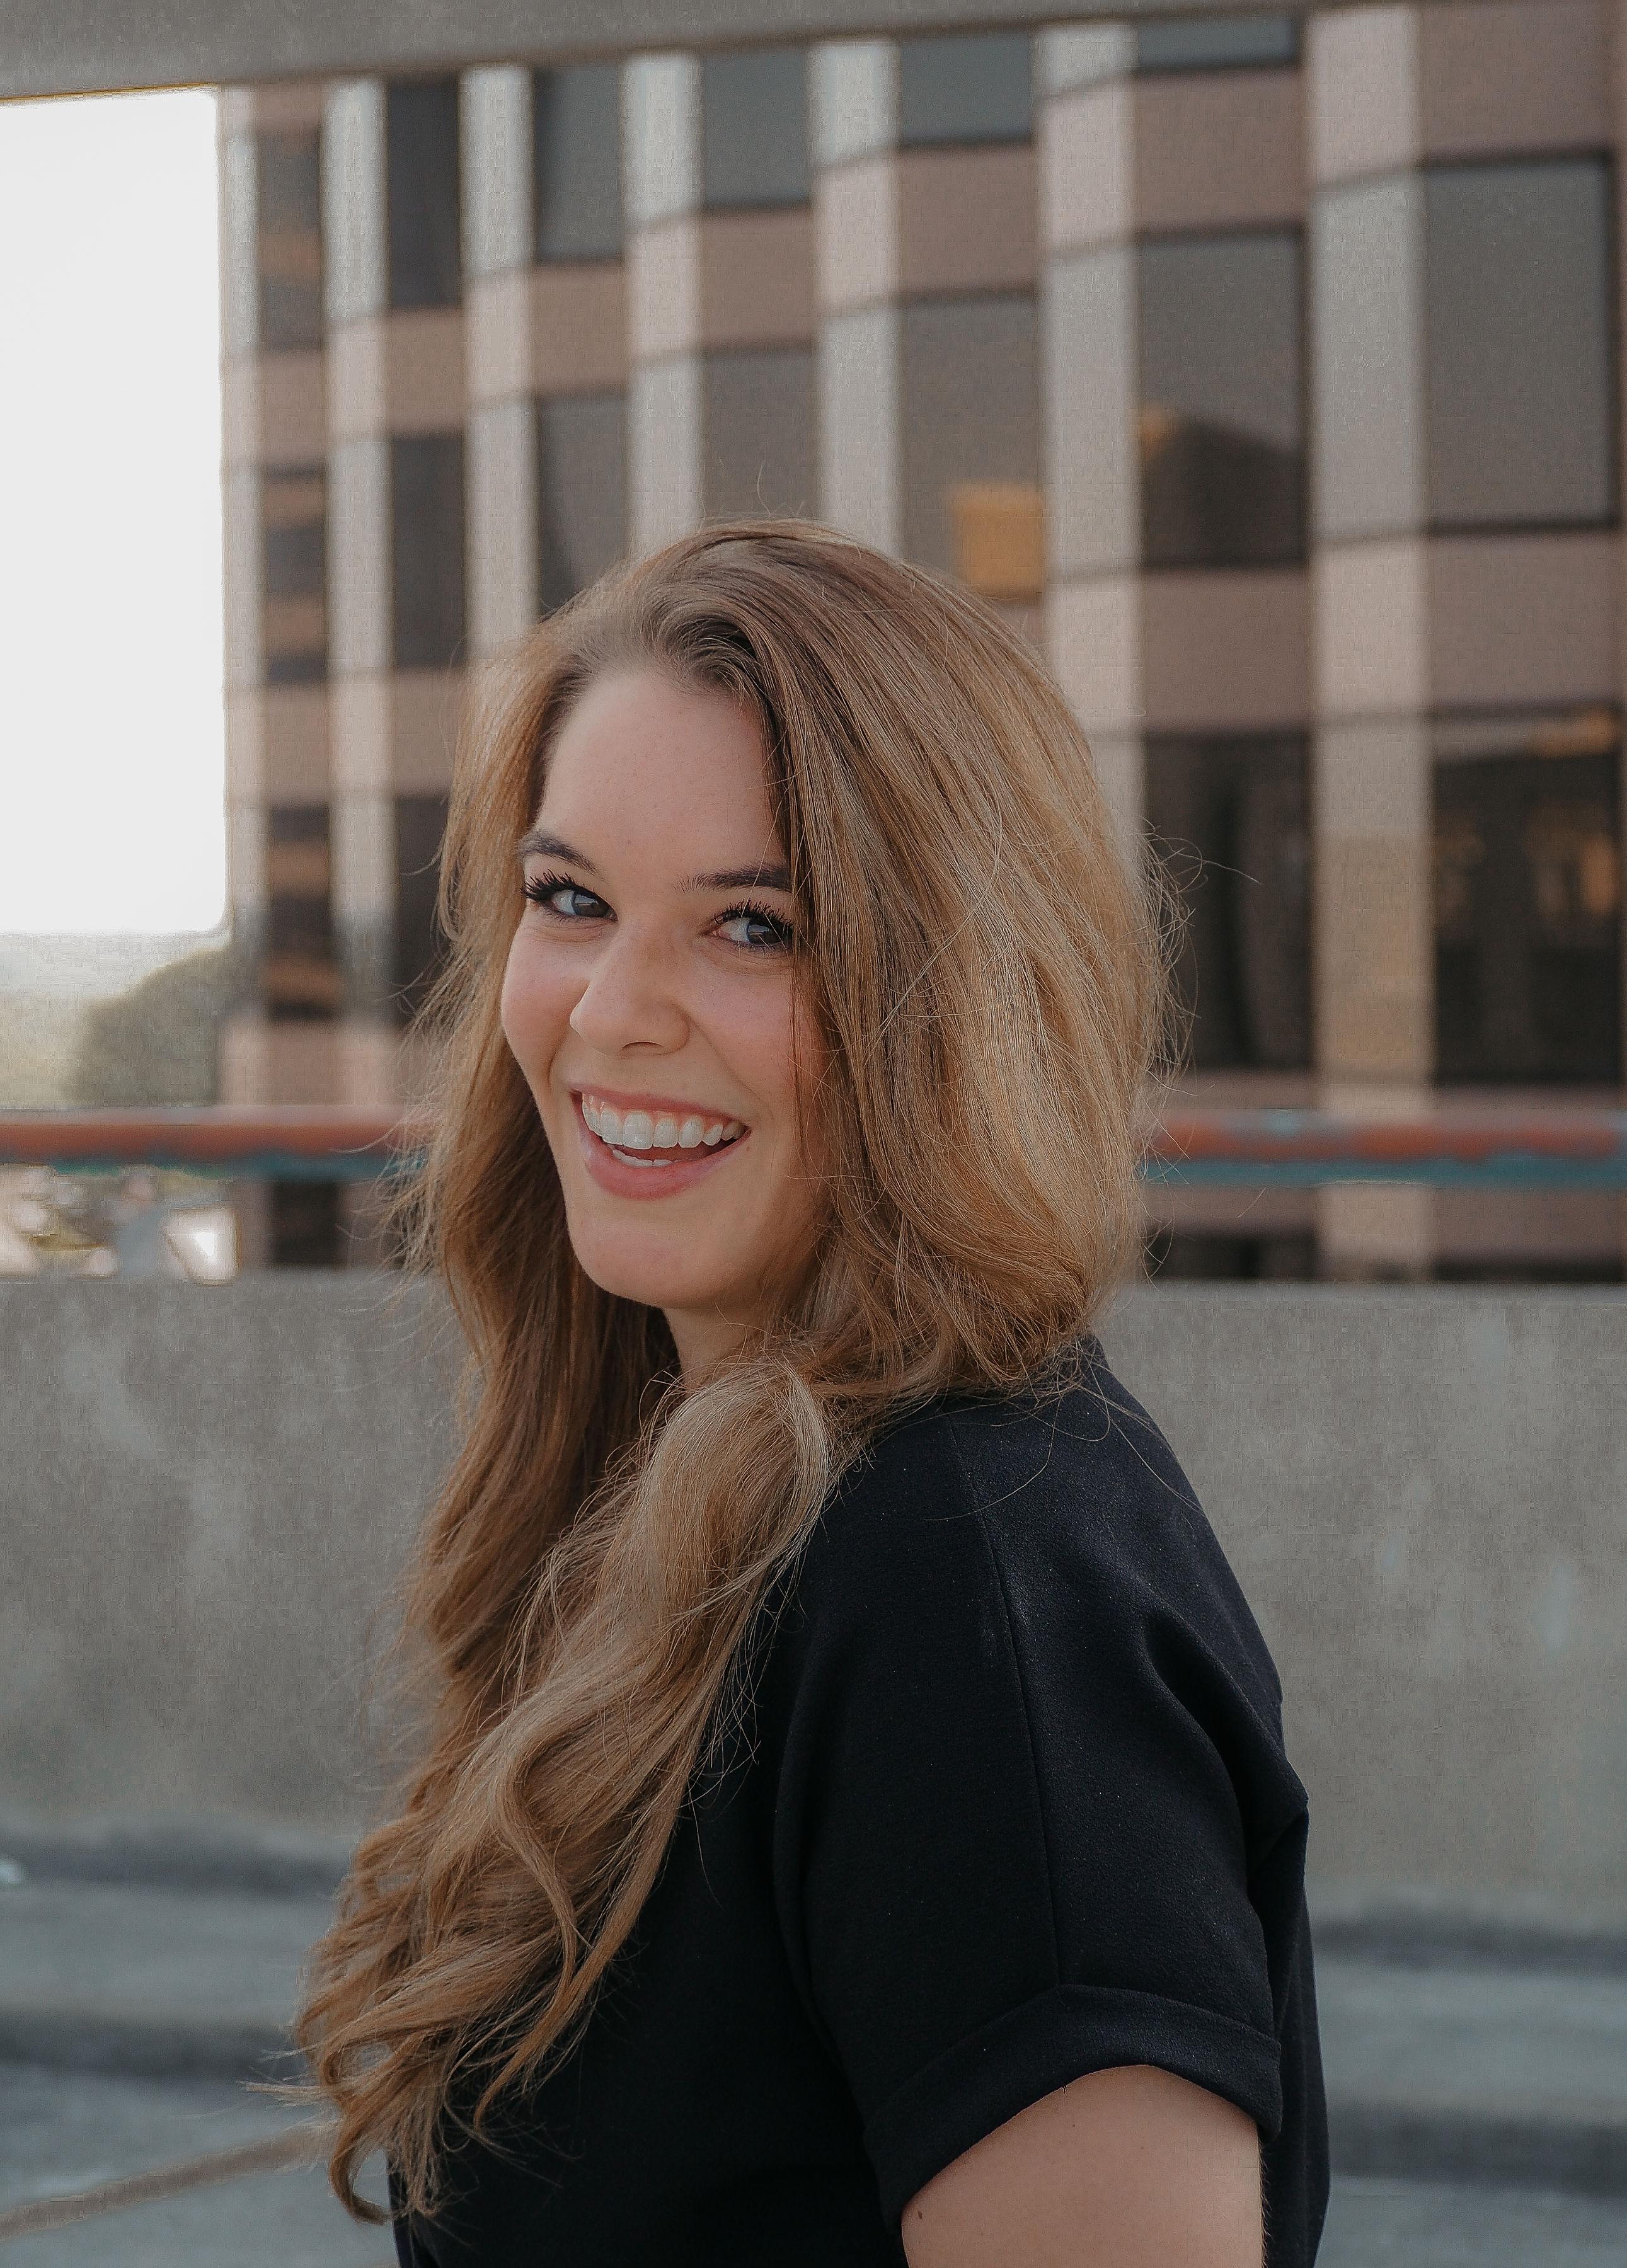 Jessica Stowe